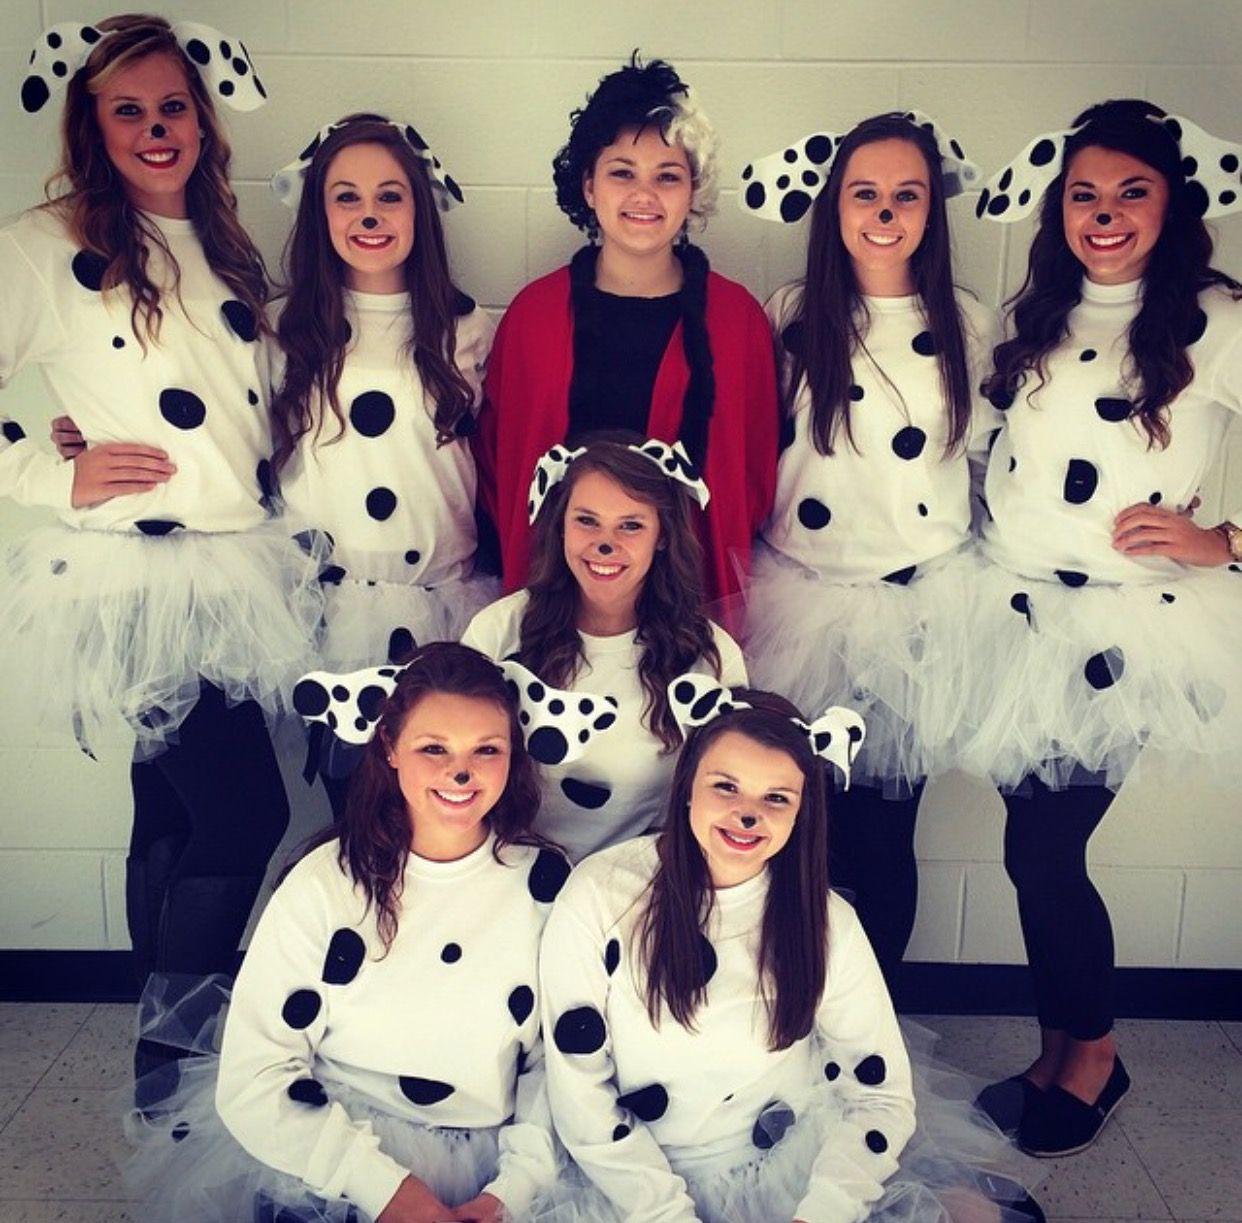 148 best images about 101 Dalmatians on Pinterest | Fuji ... |Dalmation Dance Costume